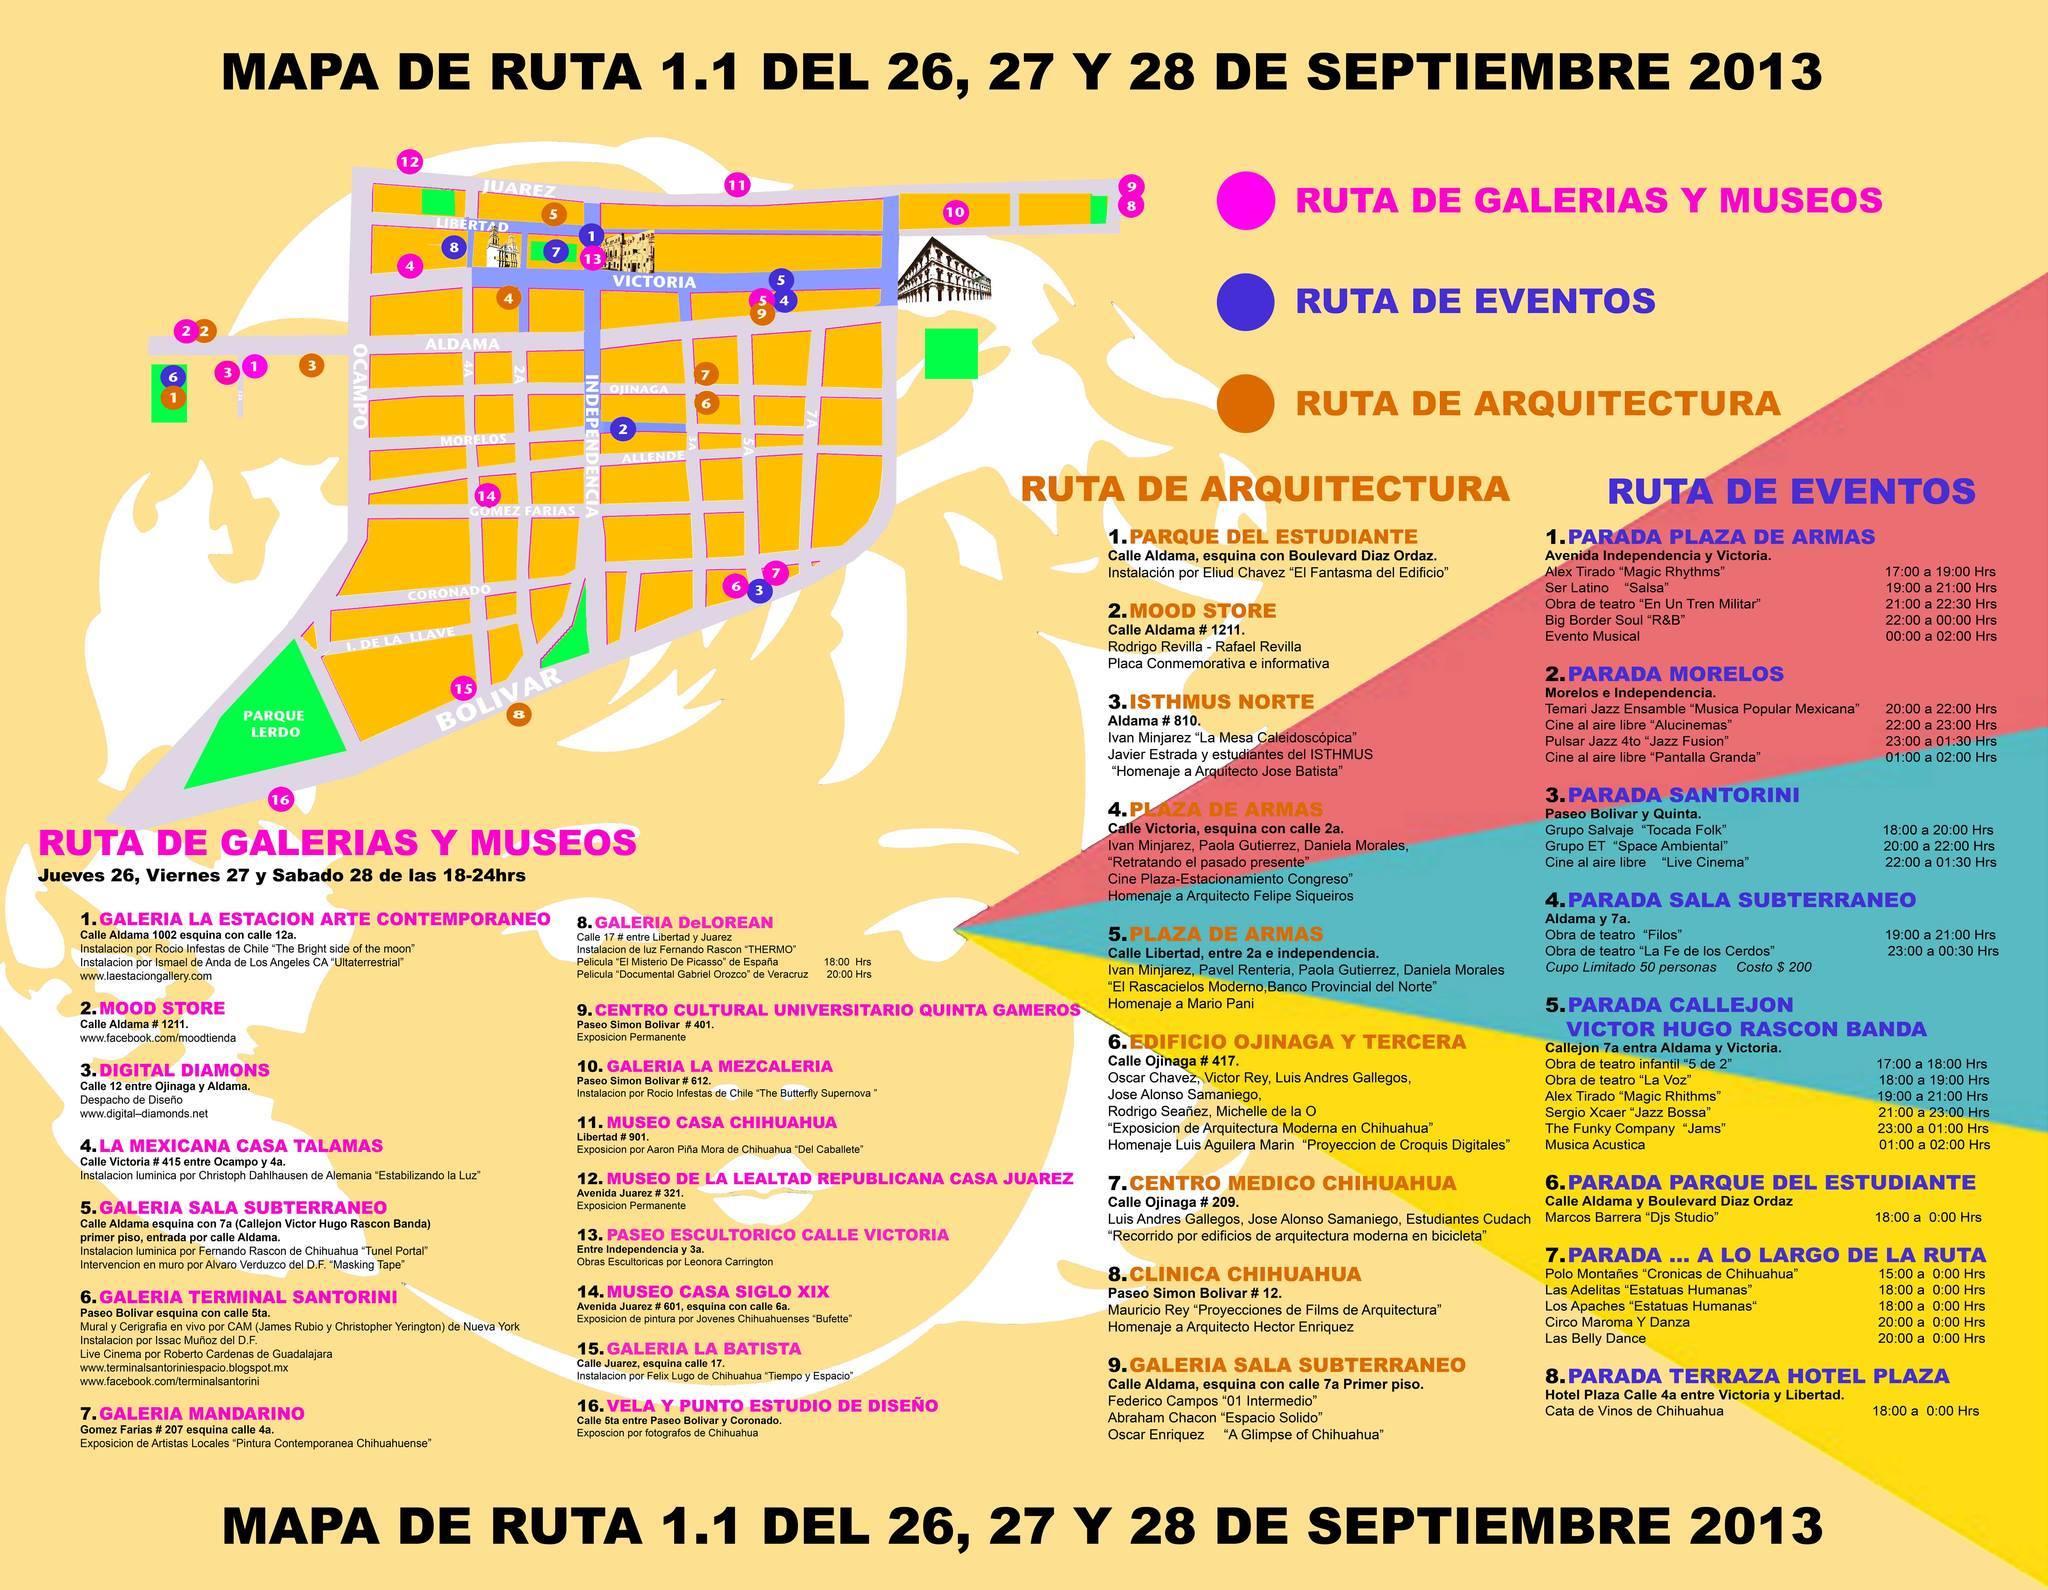 Mapa y calendario de eventos de La Ruta 1.1